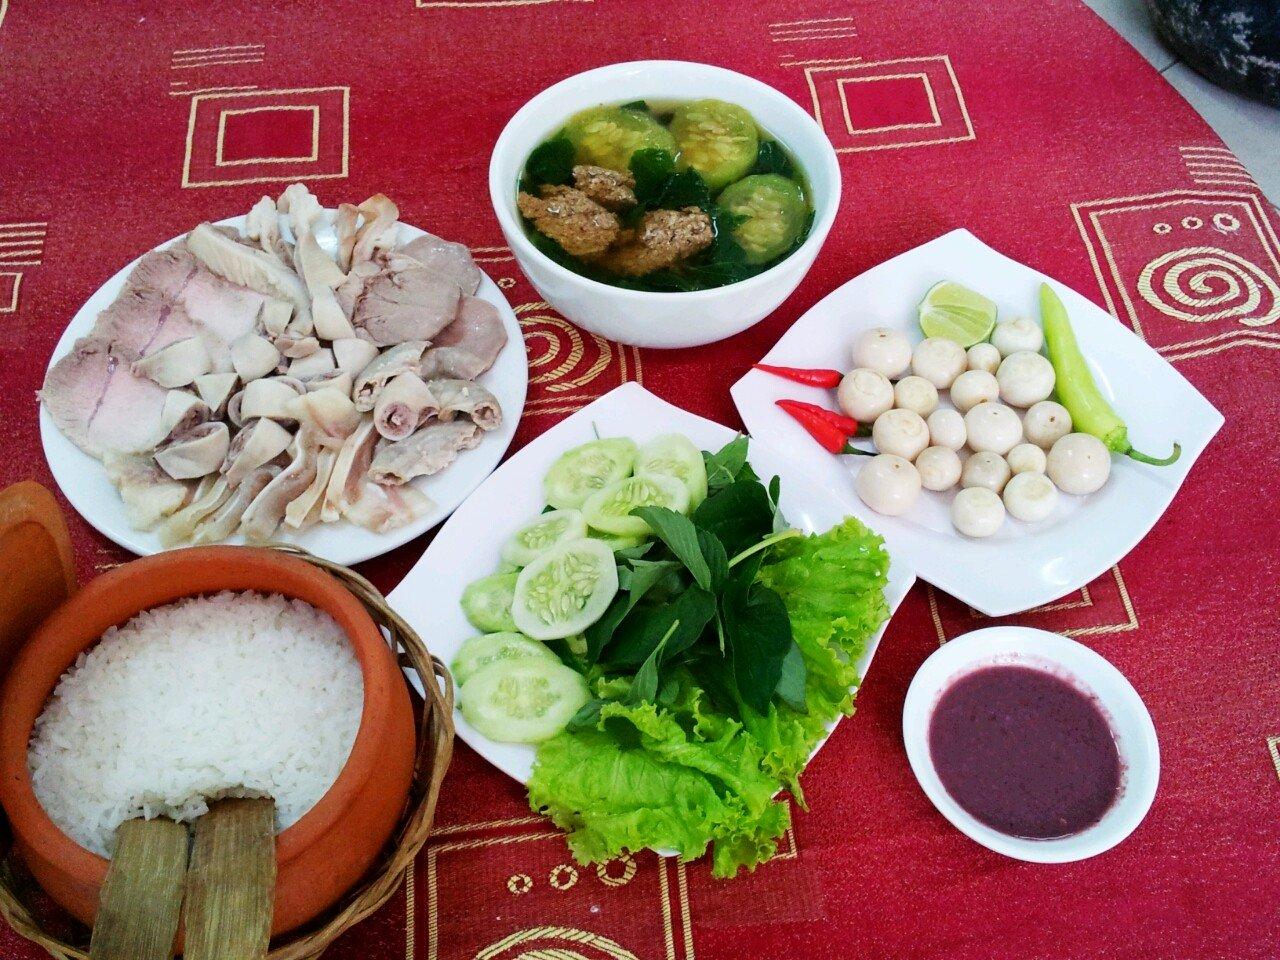 Cơm gia đình bếp đôi từ và hồng ngoại kangaroo kg356i